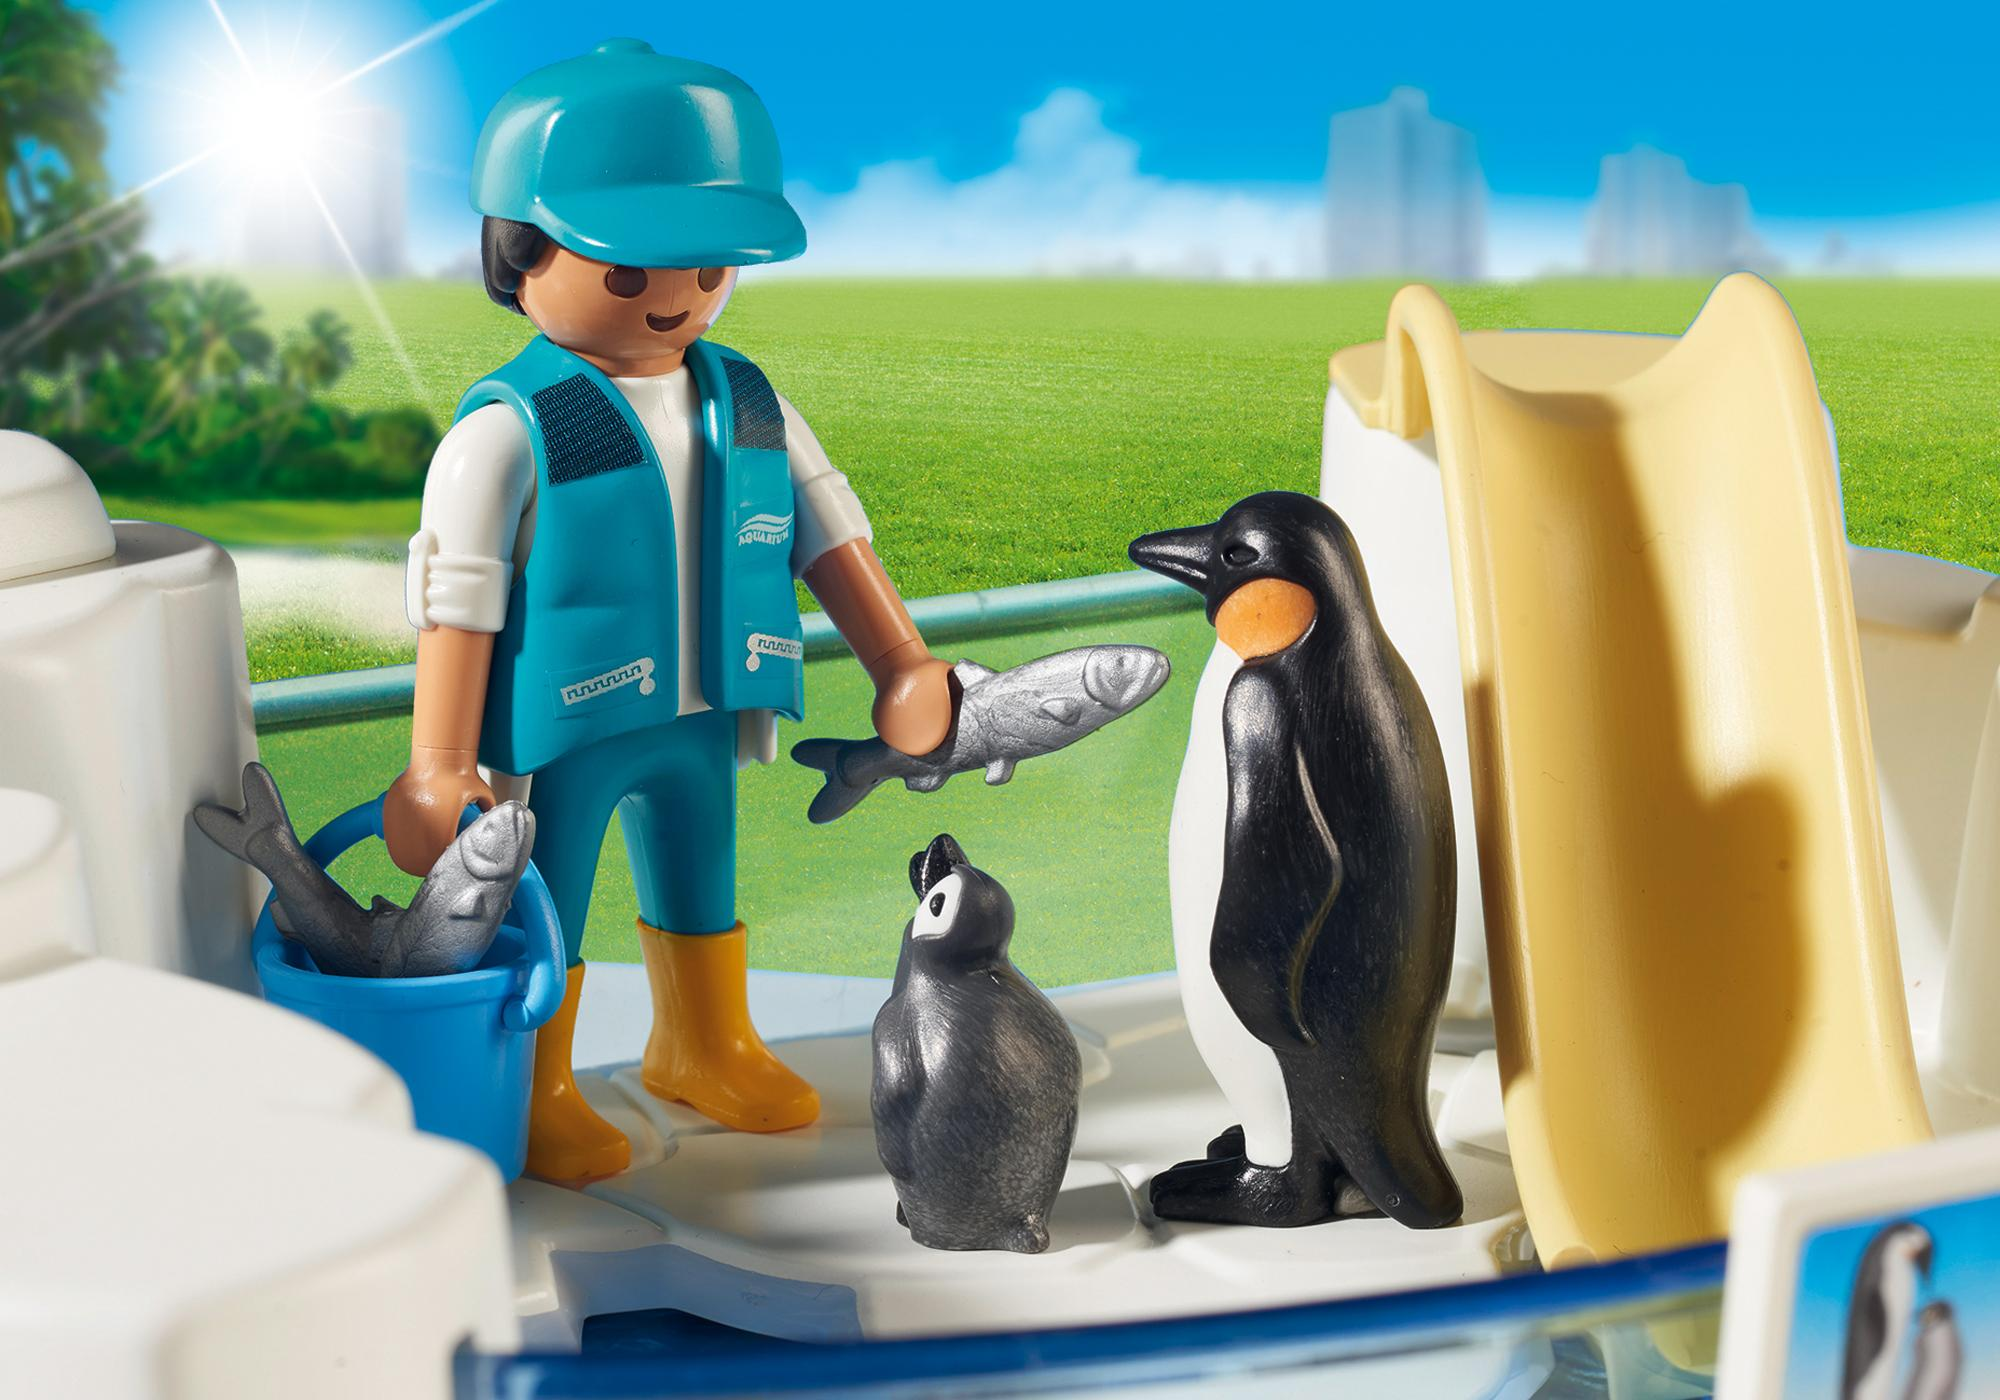 http://media.playmobil.com/i/playmobil/9062_product_extra2/Pinguinbecken